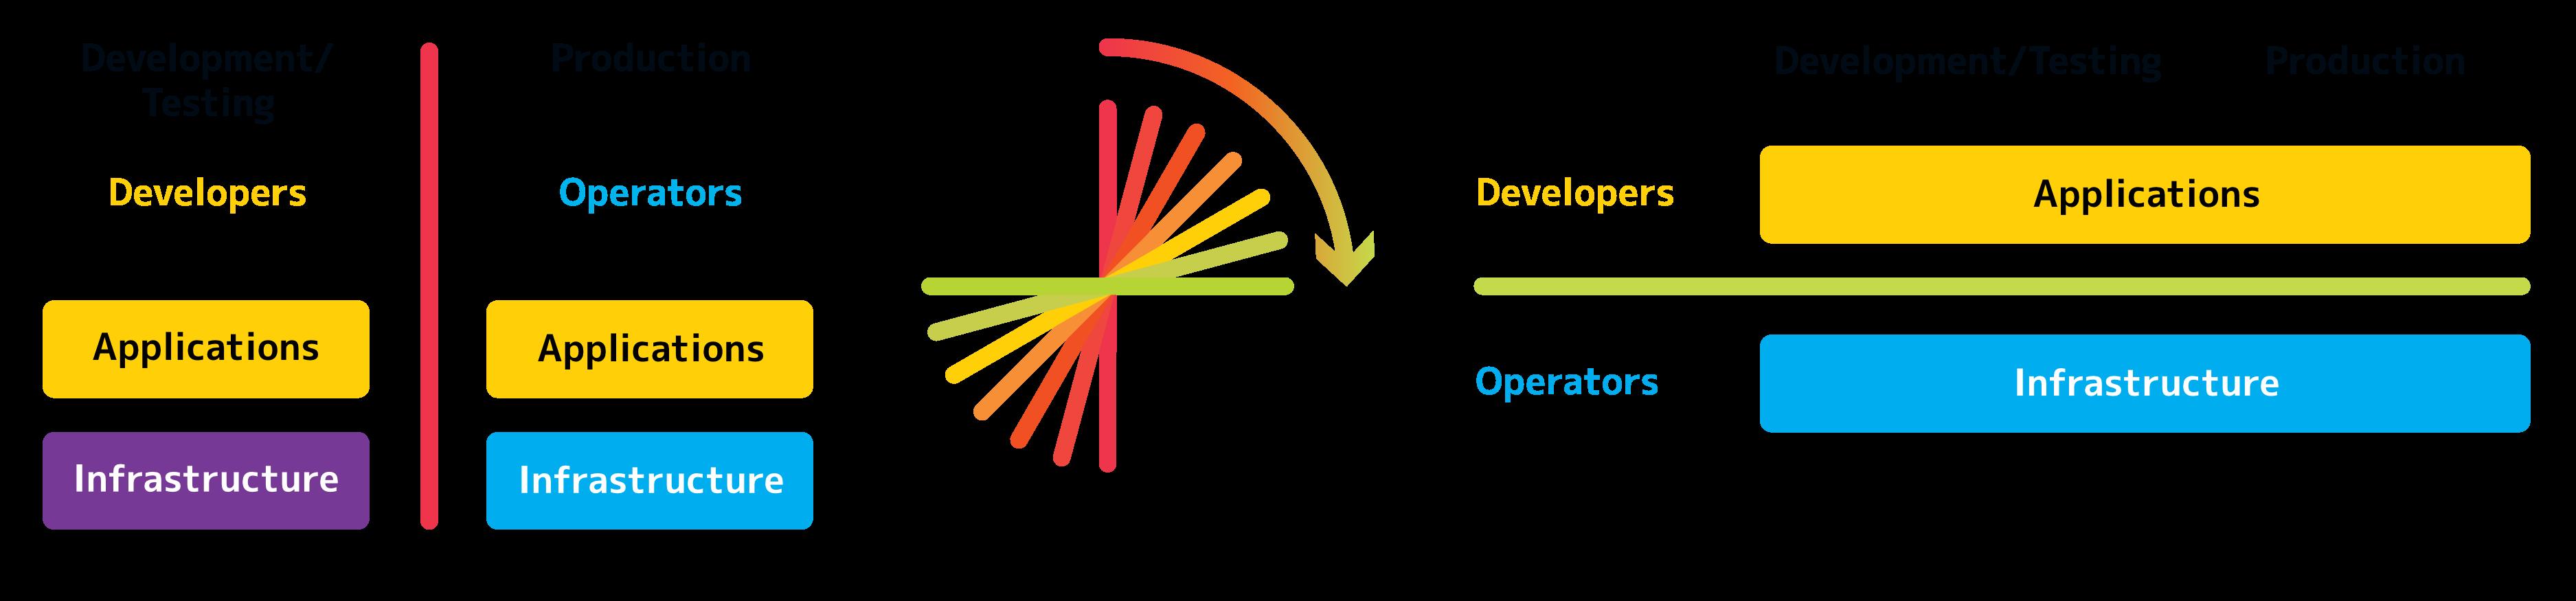 Neue Verteilung der Verantwortung in DevOps